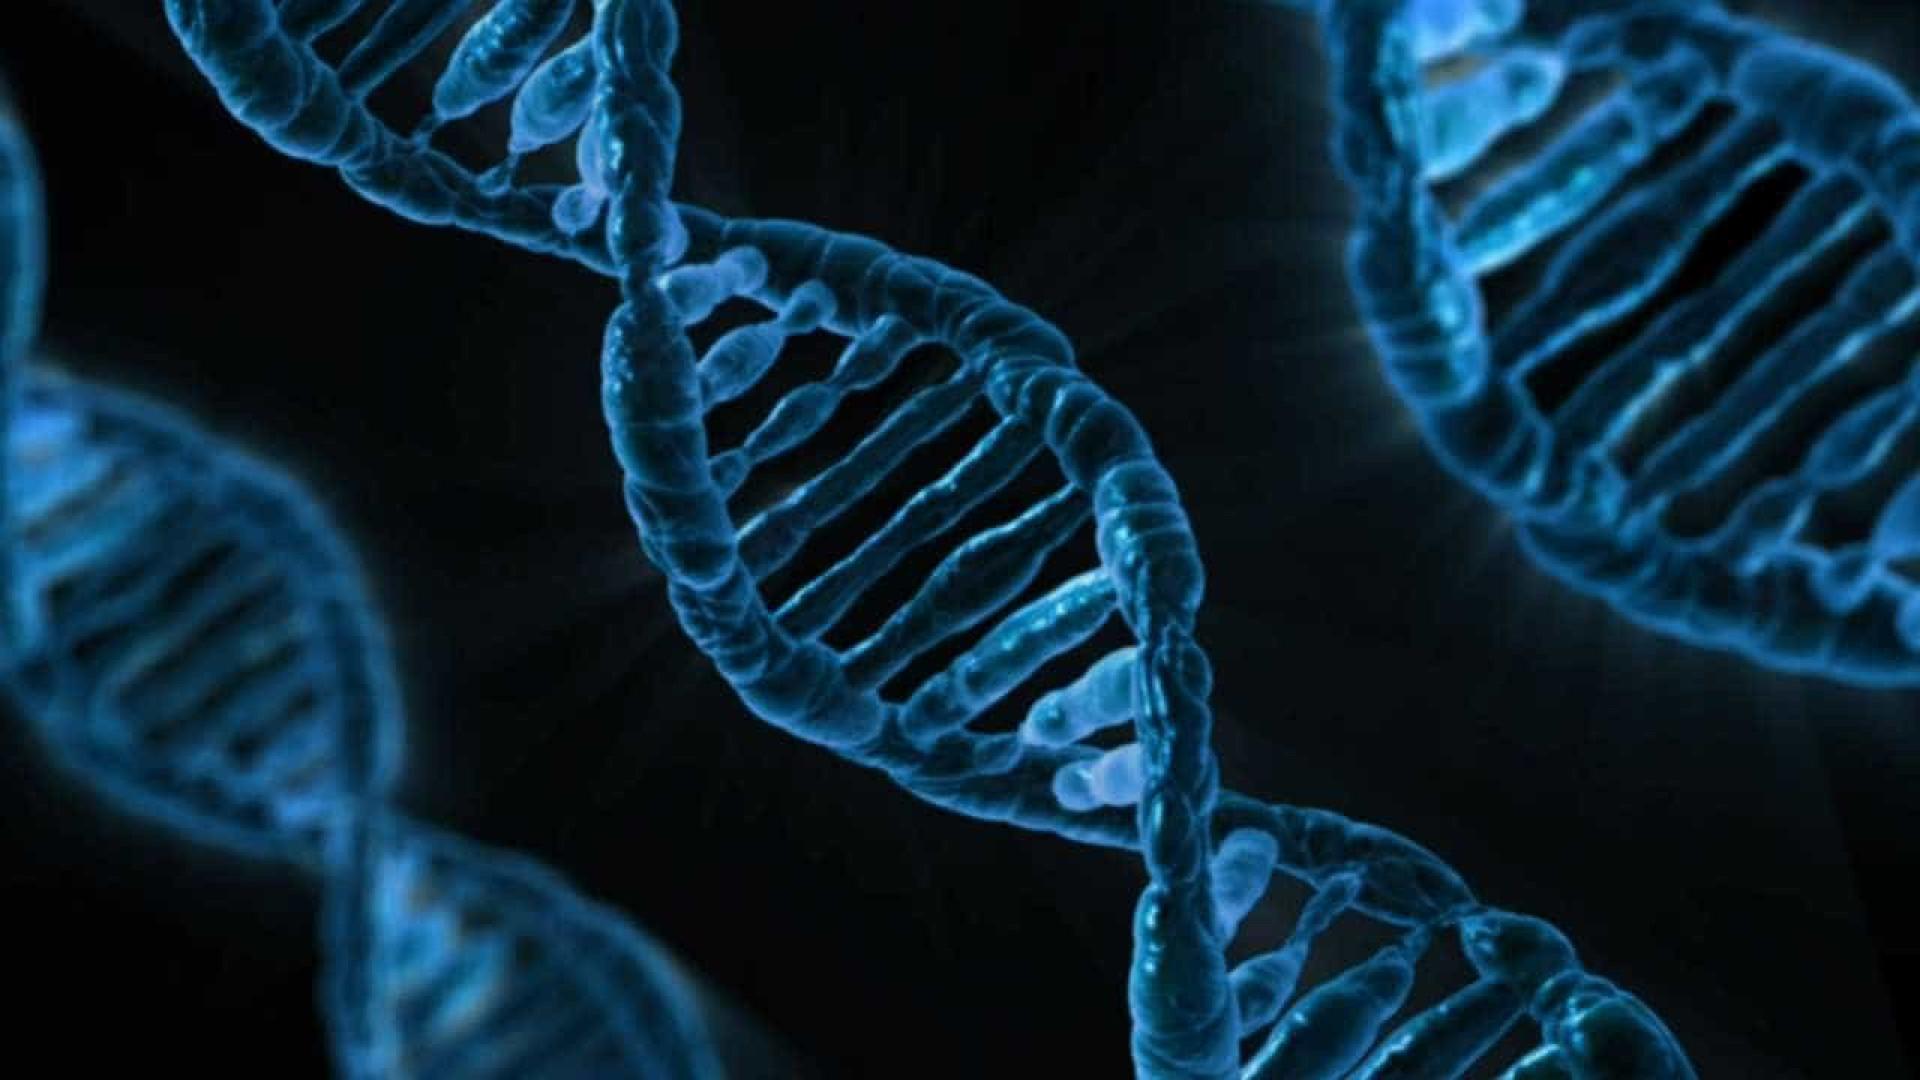 Cientistas criam 1º embrião de ovelha com células humanas